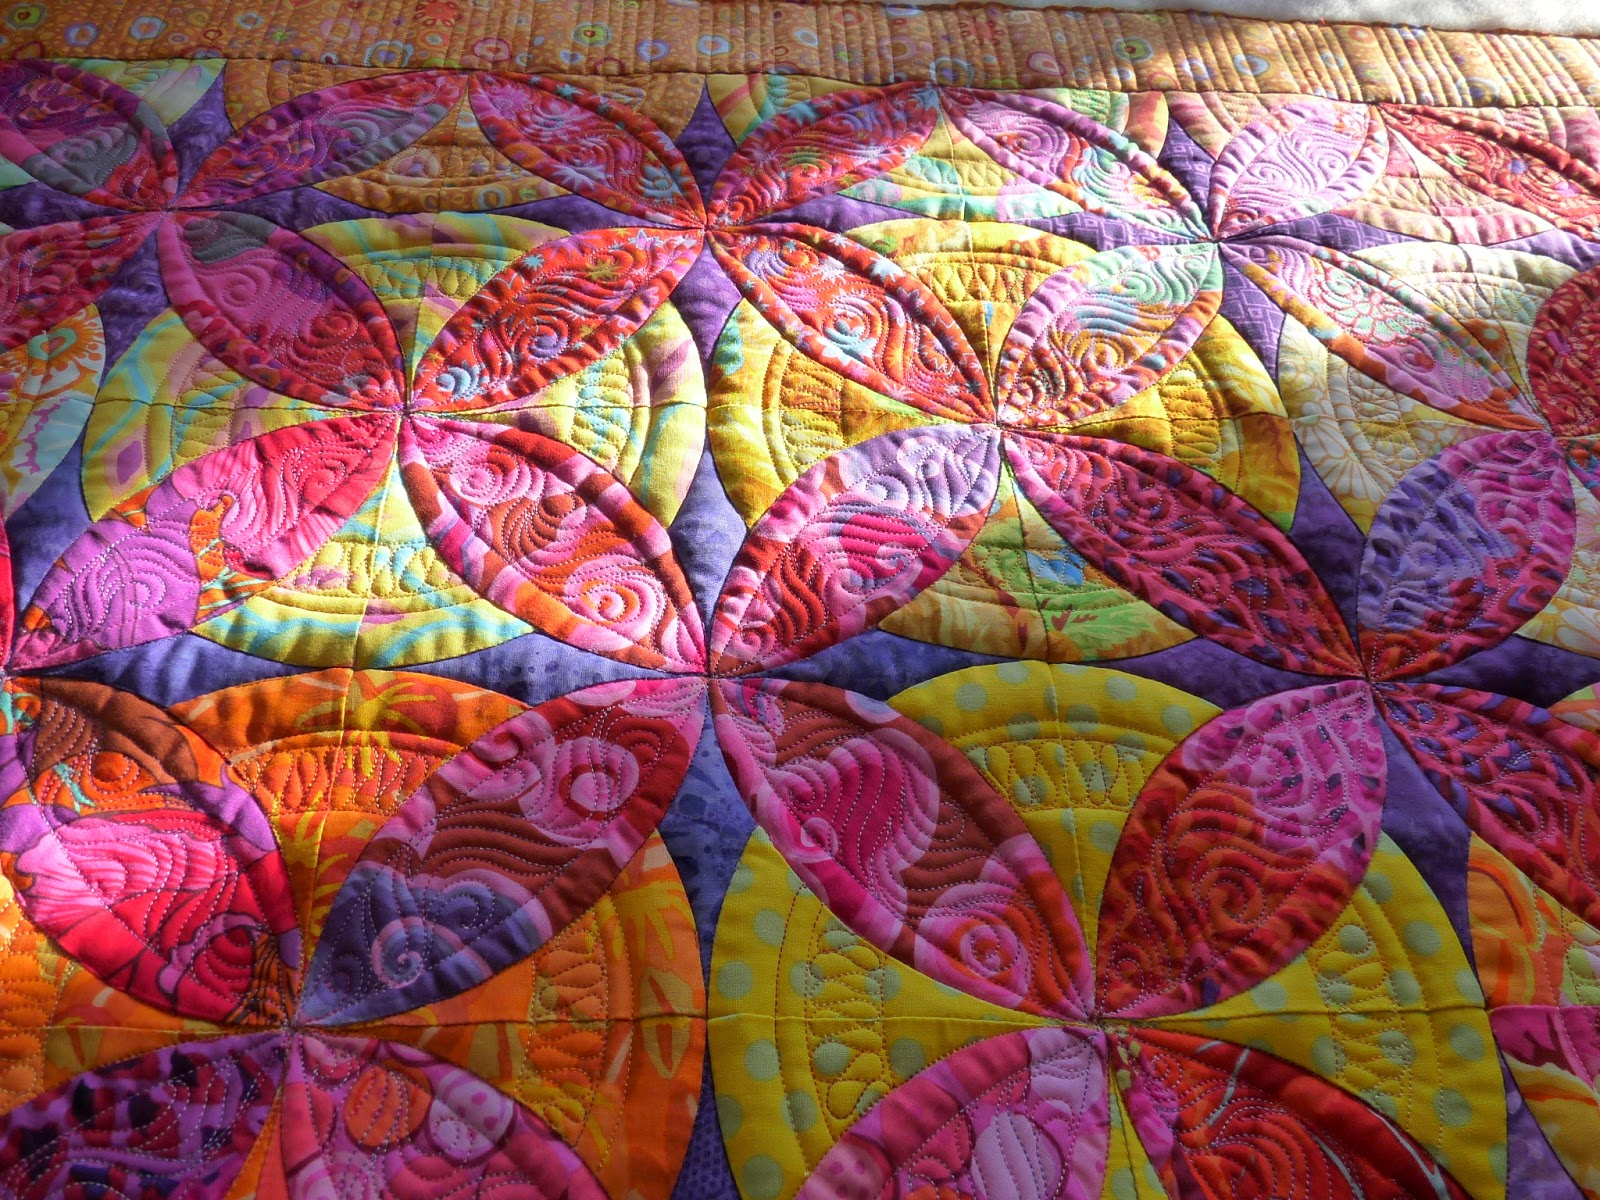 Quilted Look Wallpaper - WallpaperSafari